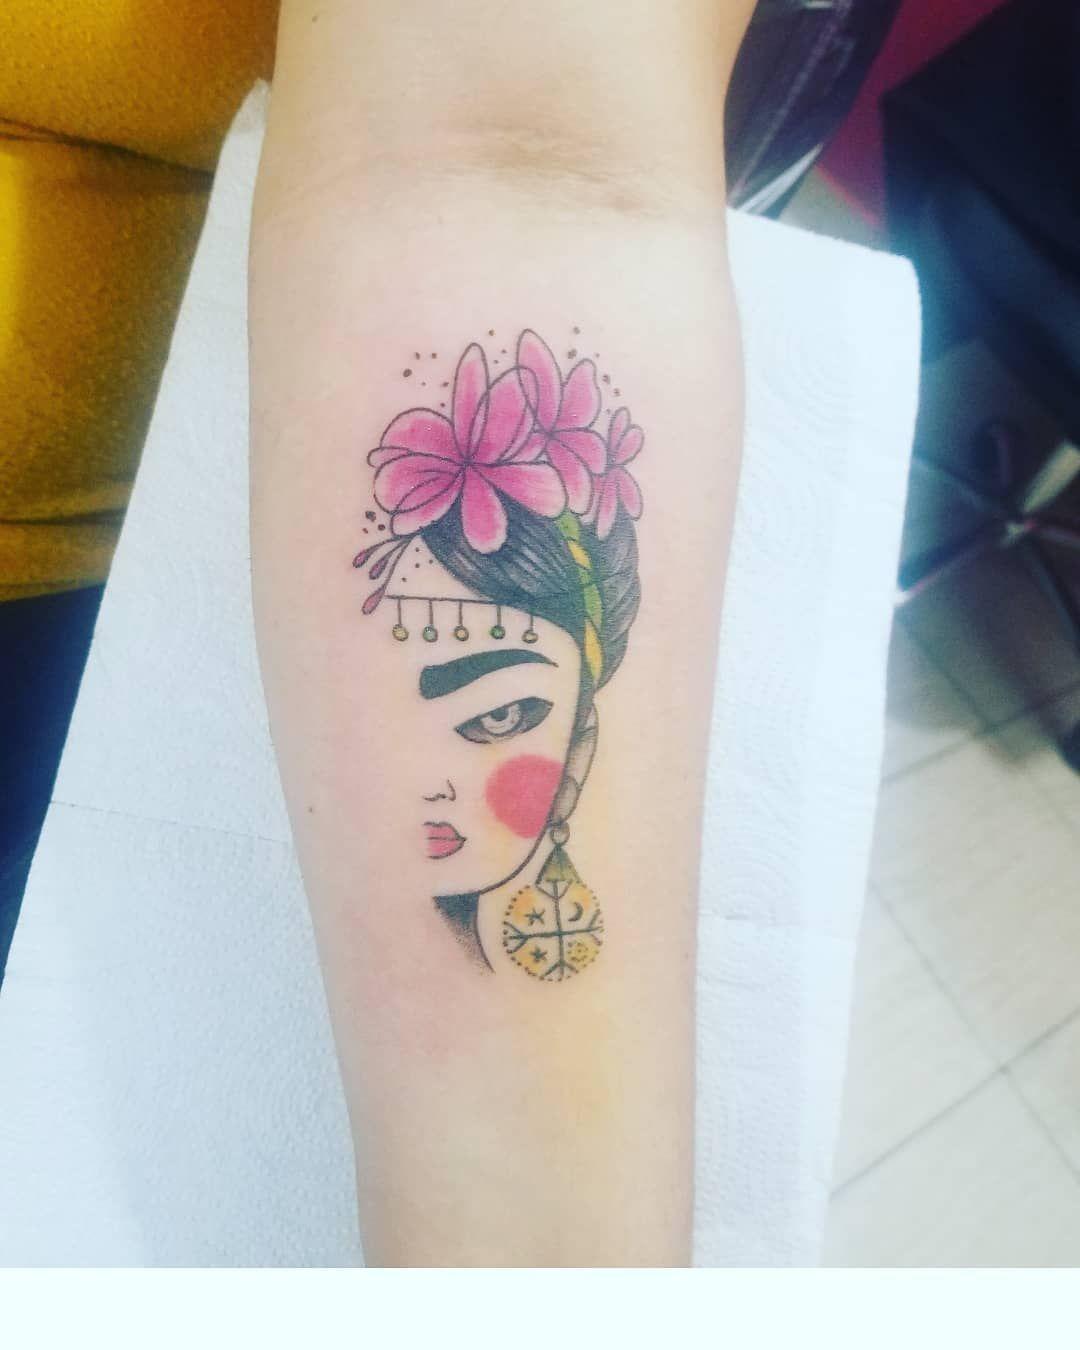 Diseño del cliente. 🙌  #tattoo #tattooink #tattoogirls #tattoolovers #tattoolove #tattoolife #ink #inked #inktattoo  #inkedtattoo